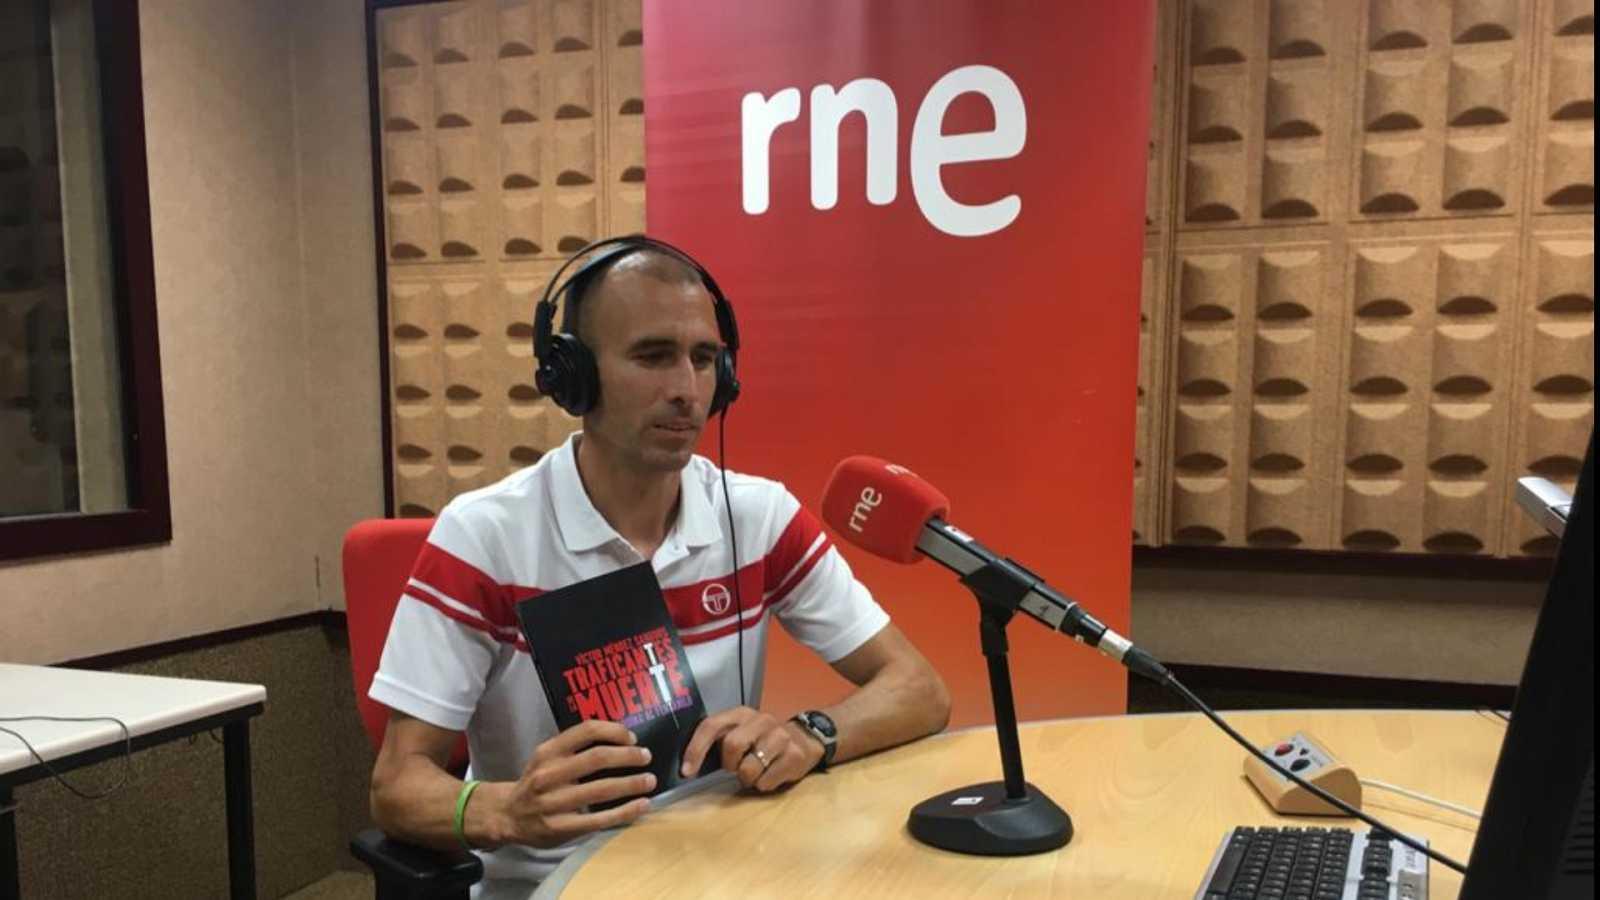 Radiogramas - Narcotráfico - 28/09/20 - escuchar ahora